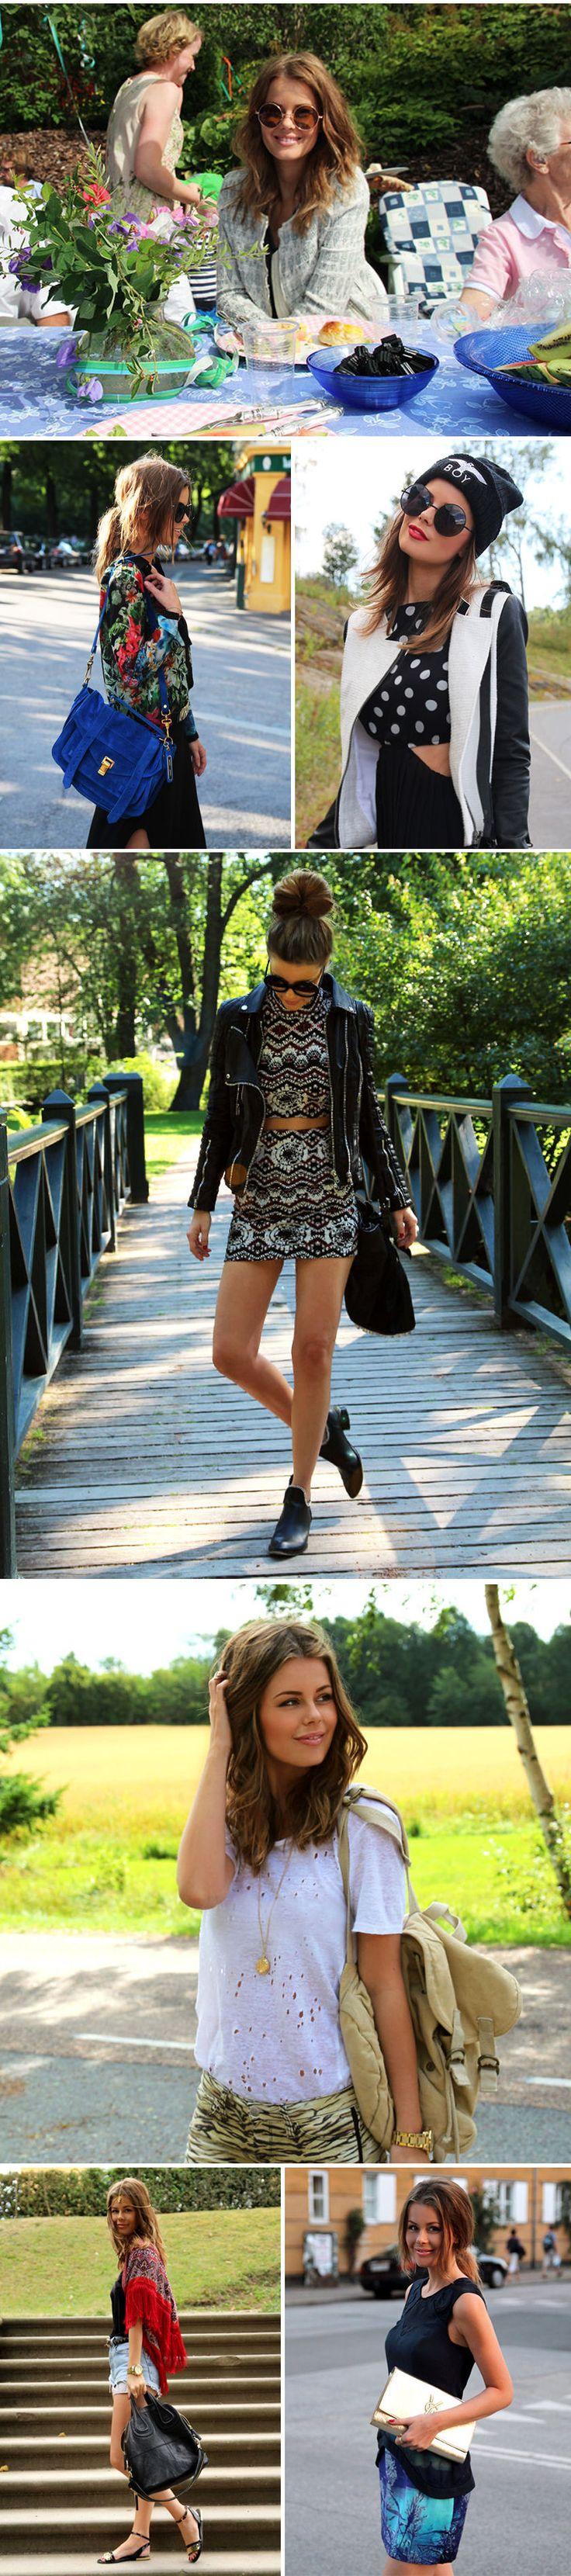 nettenestea annette haga sommer outfit inspo antrekk klær mote blogg moteblogg inspirasjon juli 2014